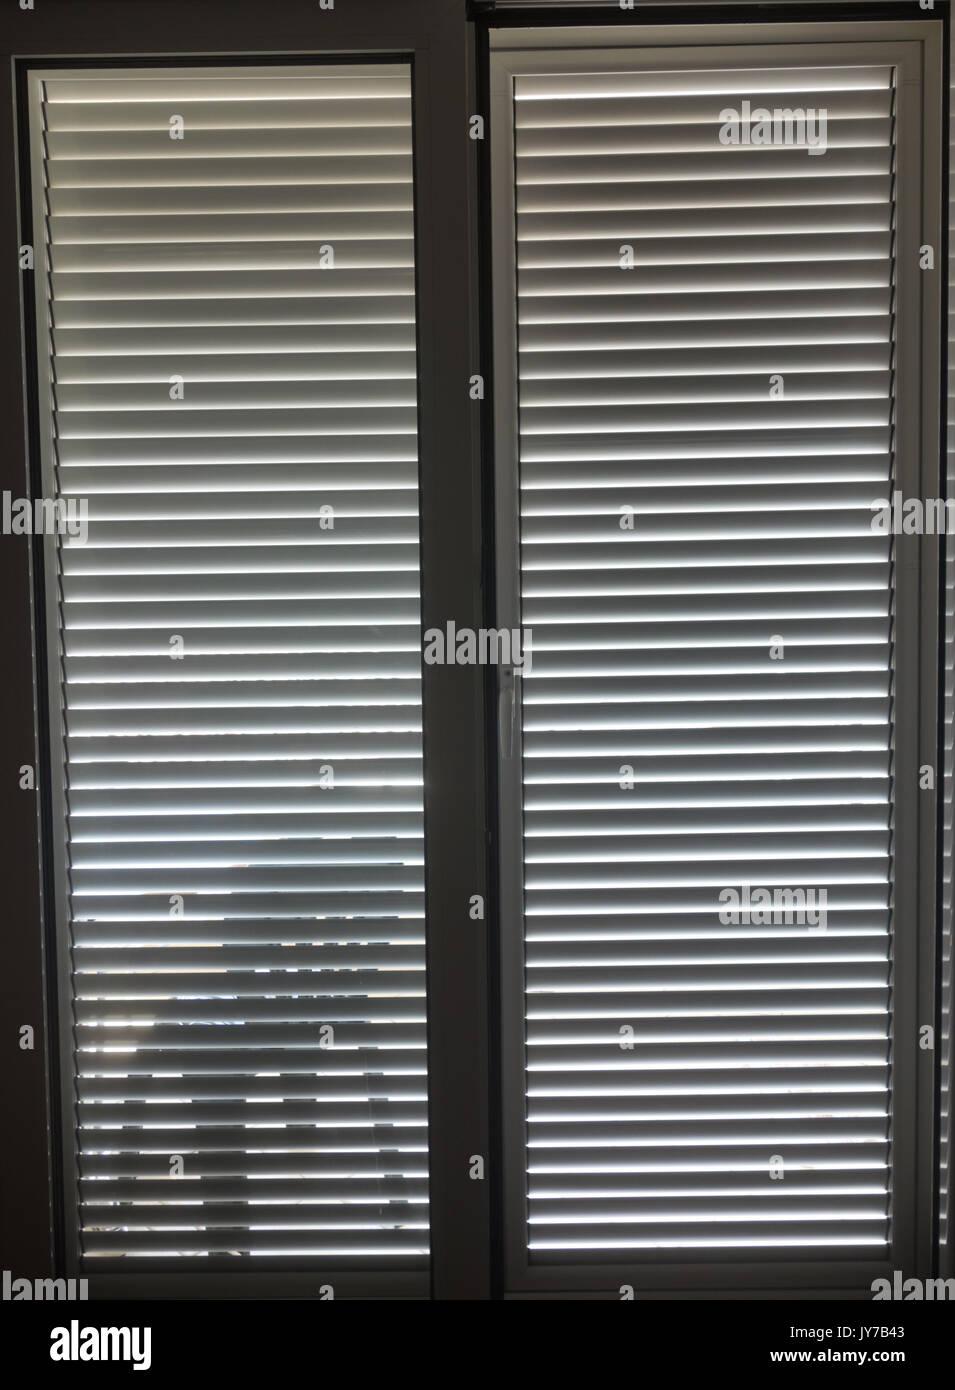 Closed Jalousie Door   Stock Image